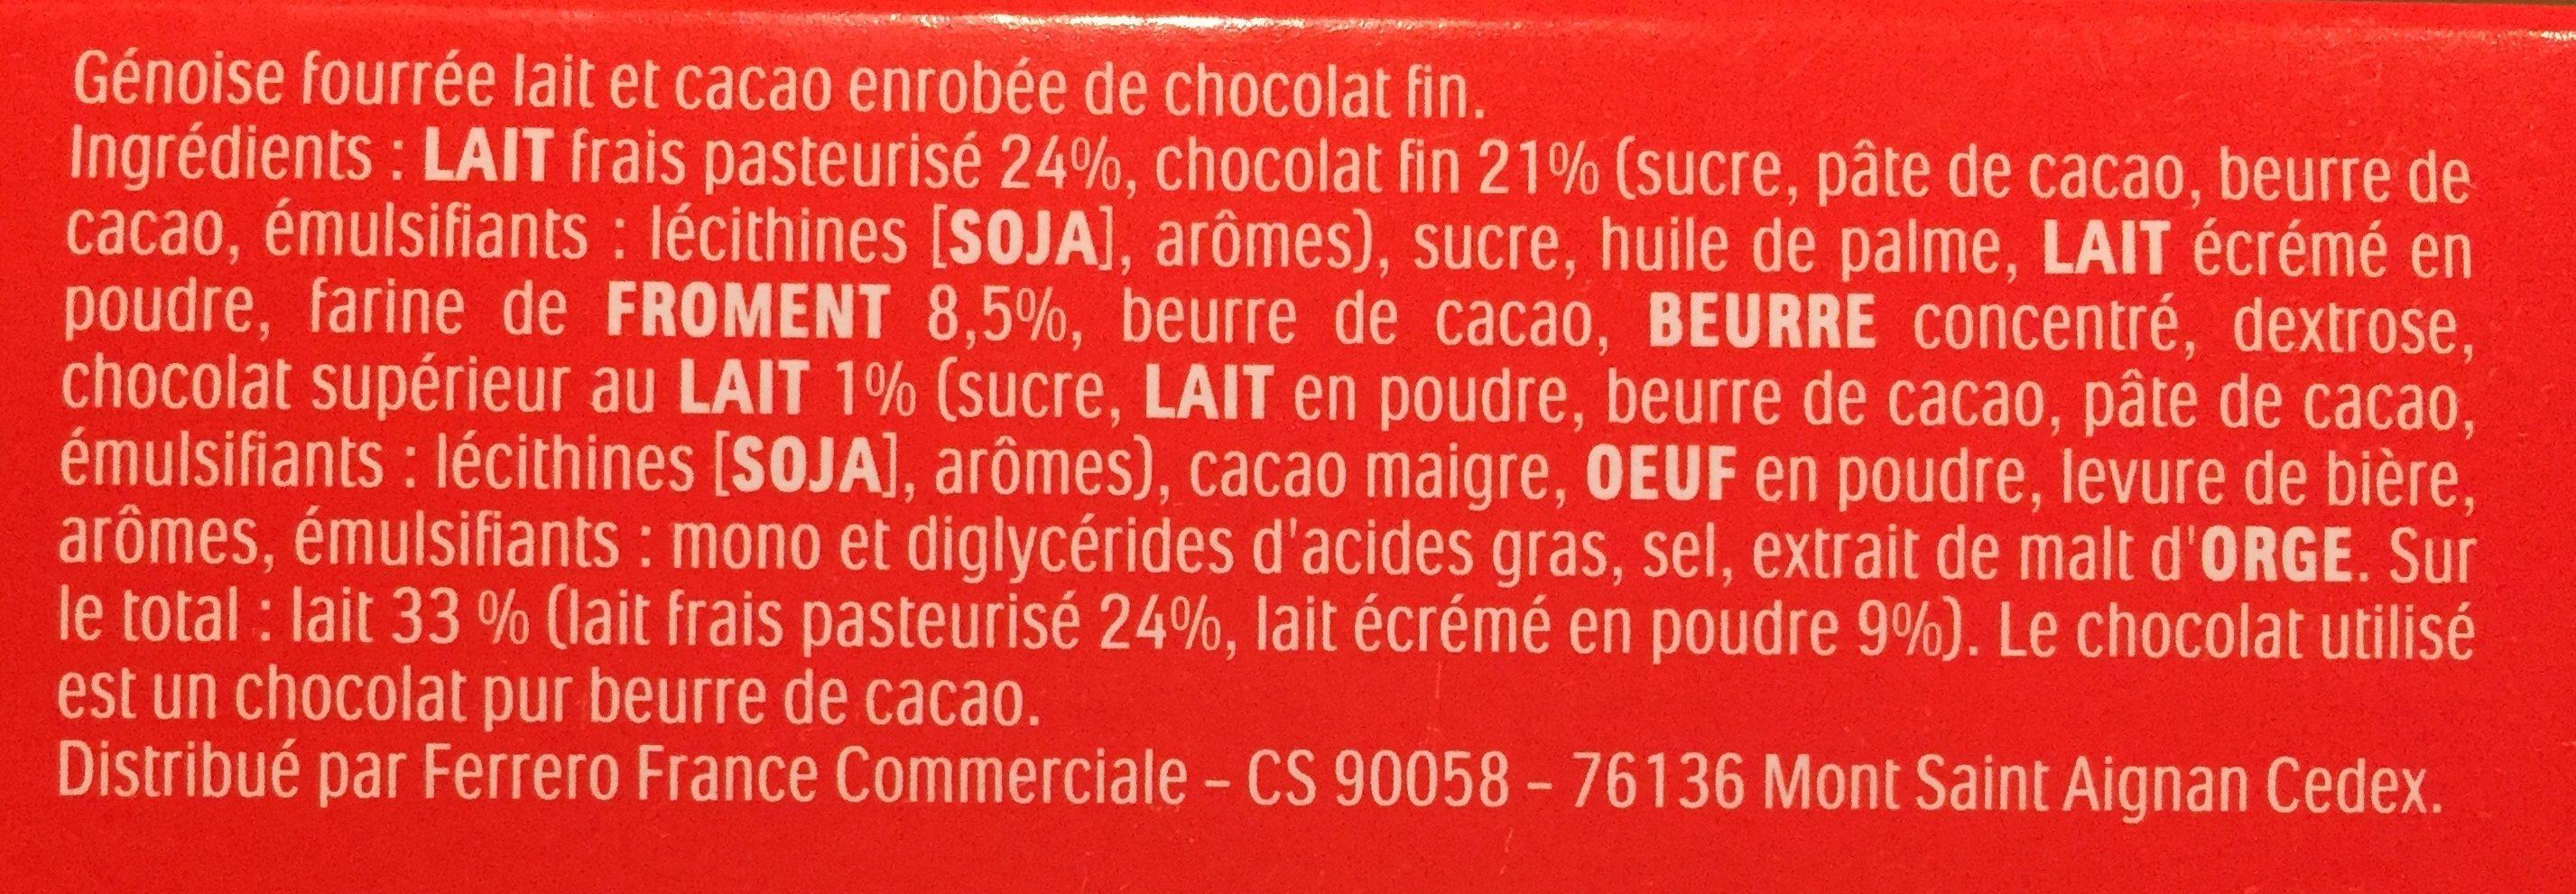 Kinder Pingui Chocolat - Ingredientes